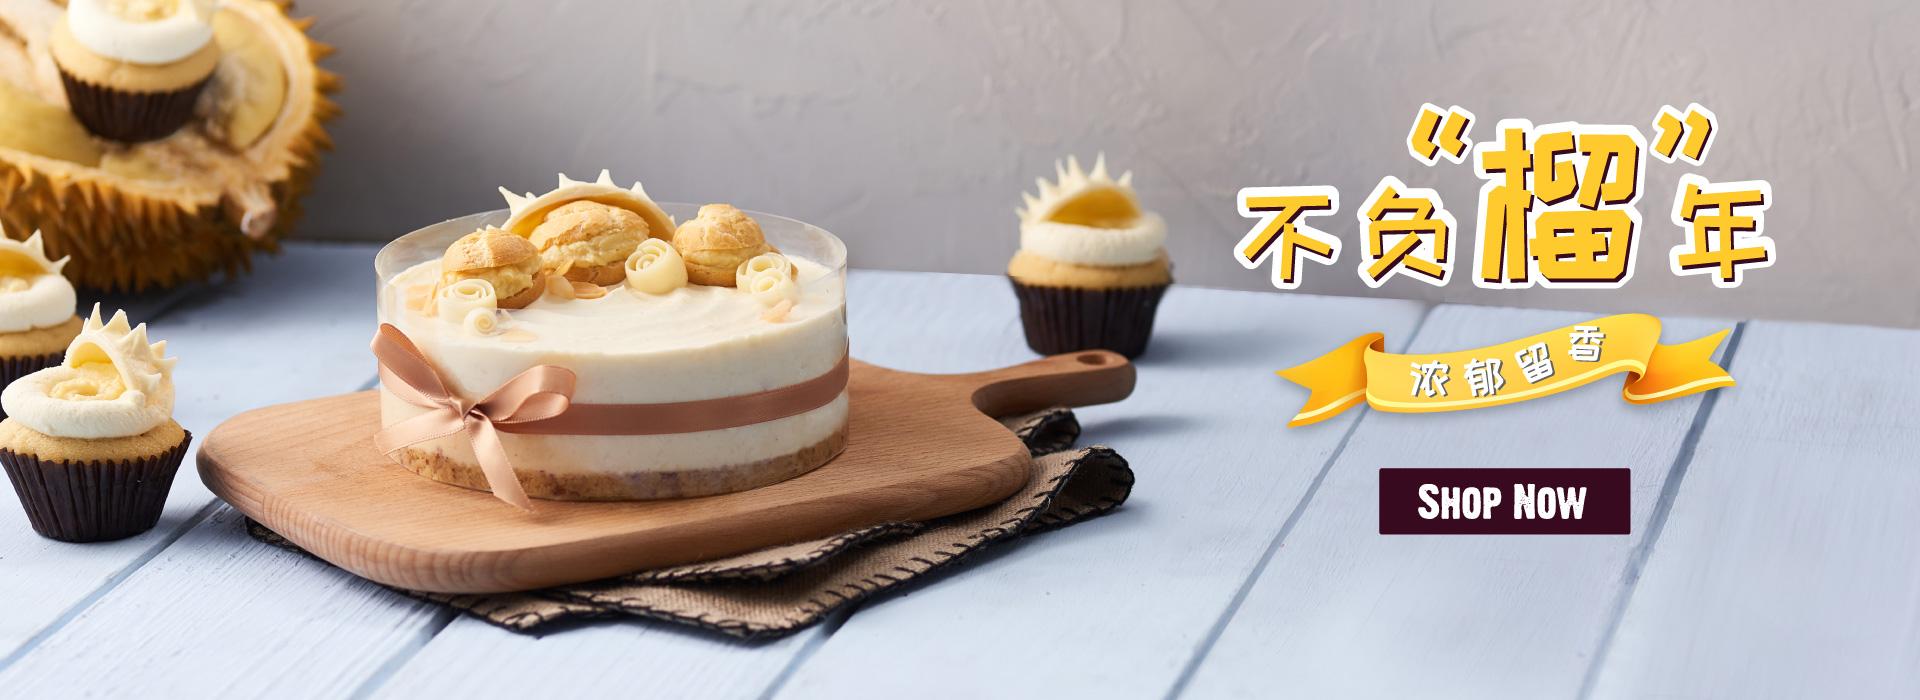 榴莲乳酪慕斯蛋糕